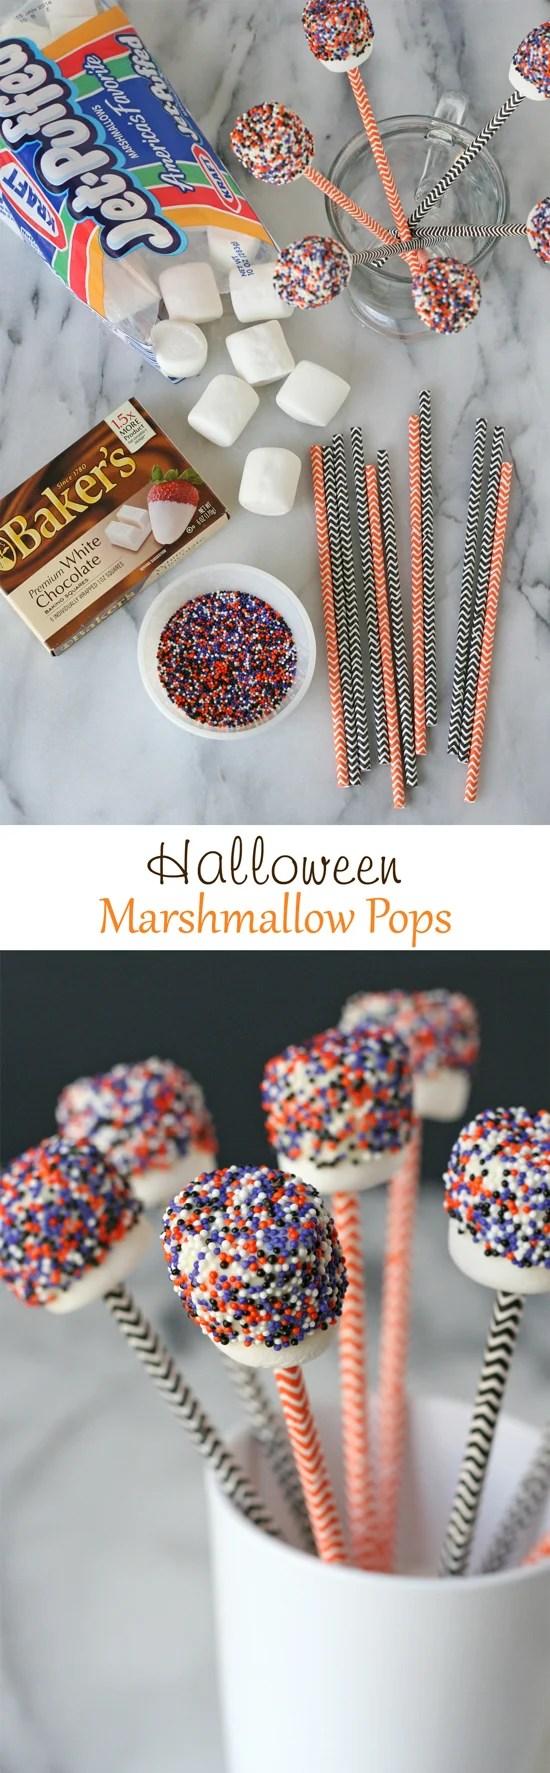 Halloween Marshmallow Pops – Glorious Treats